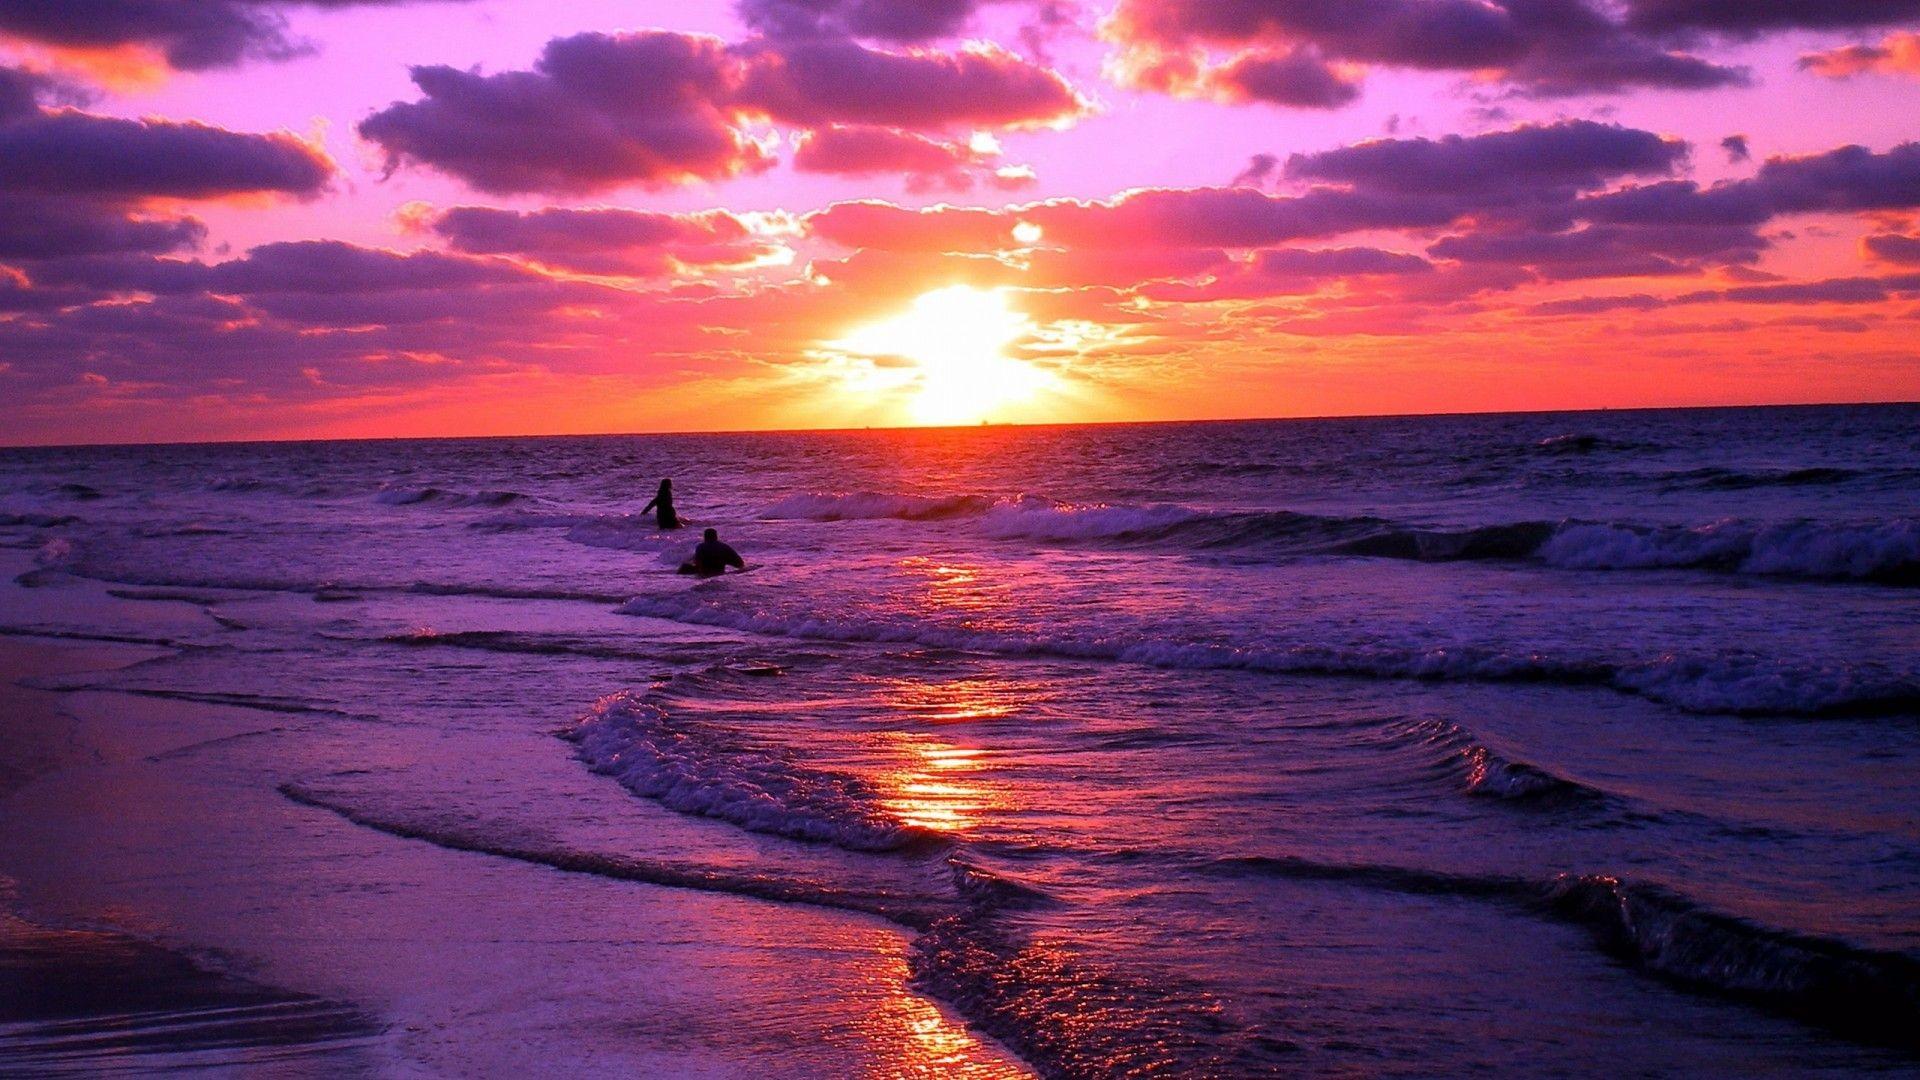 Pink Beach Sunset Wallpaper 72 Images